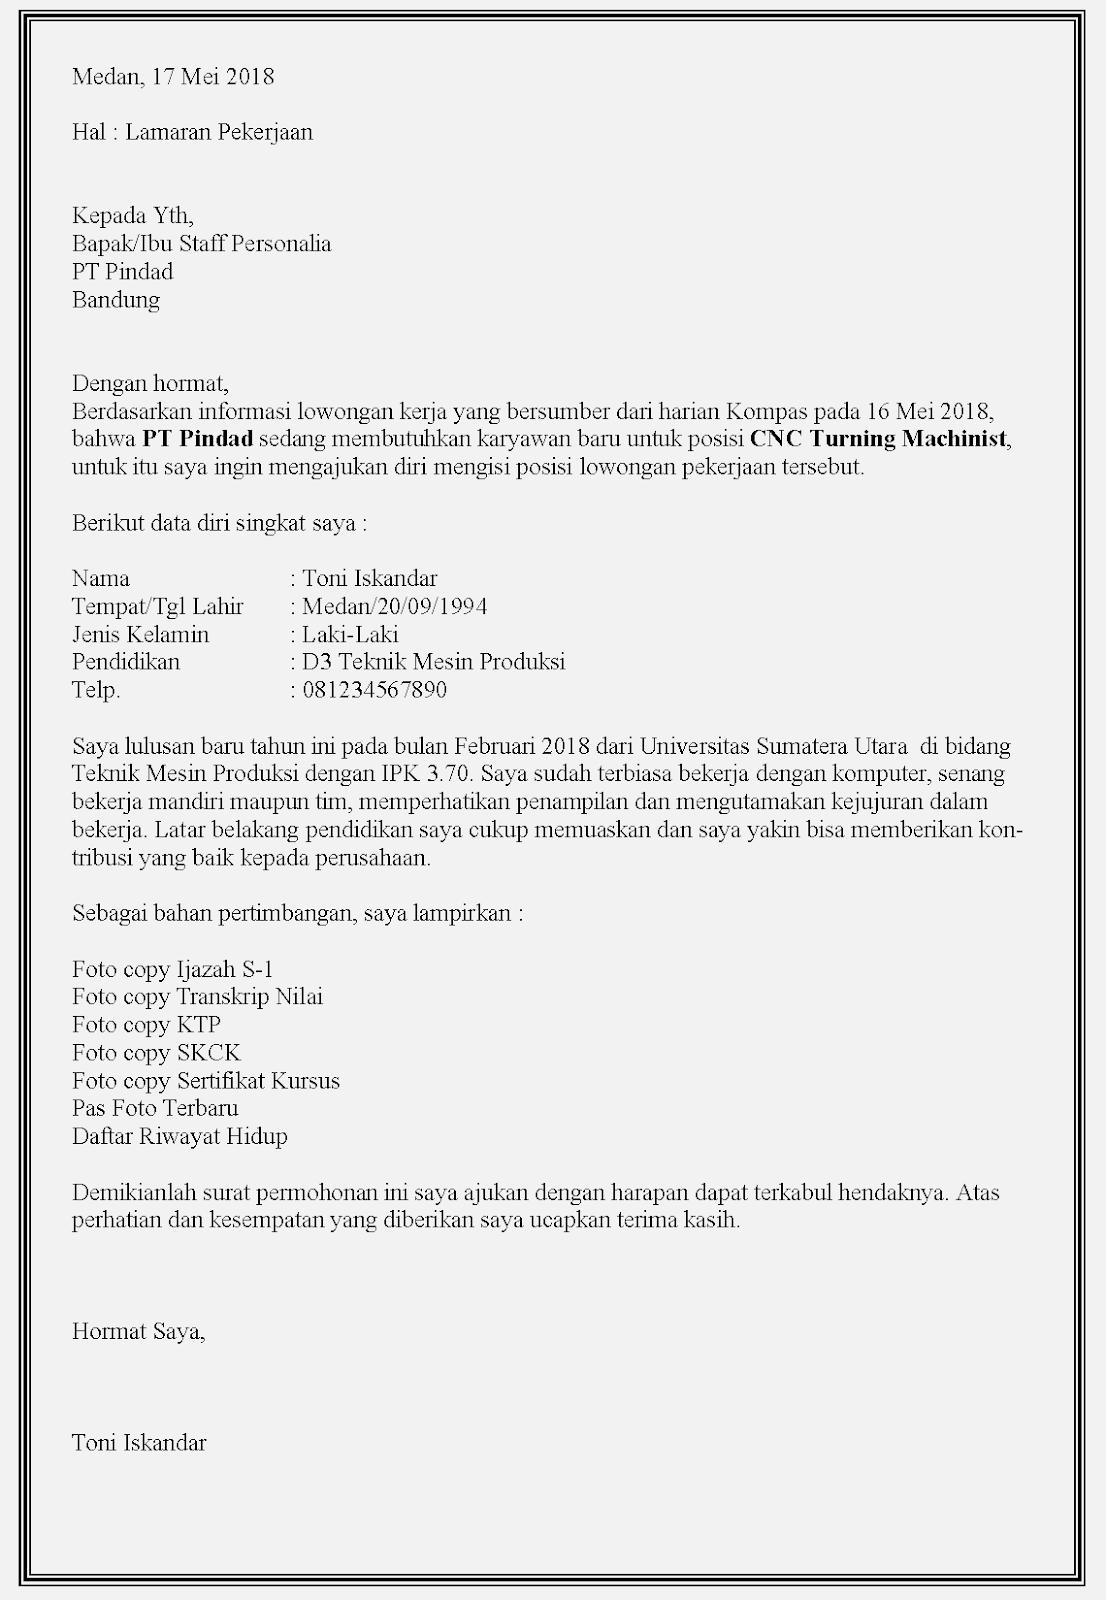 Contoh surat lamaran kerja BUMN di Pindad